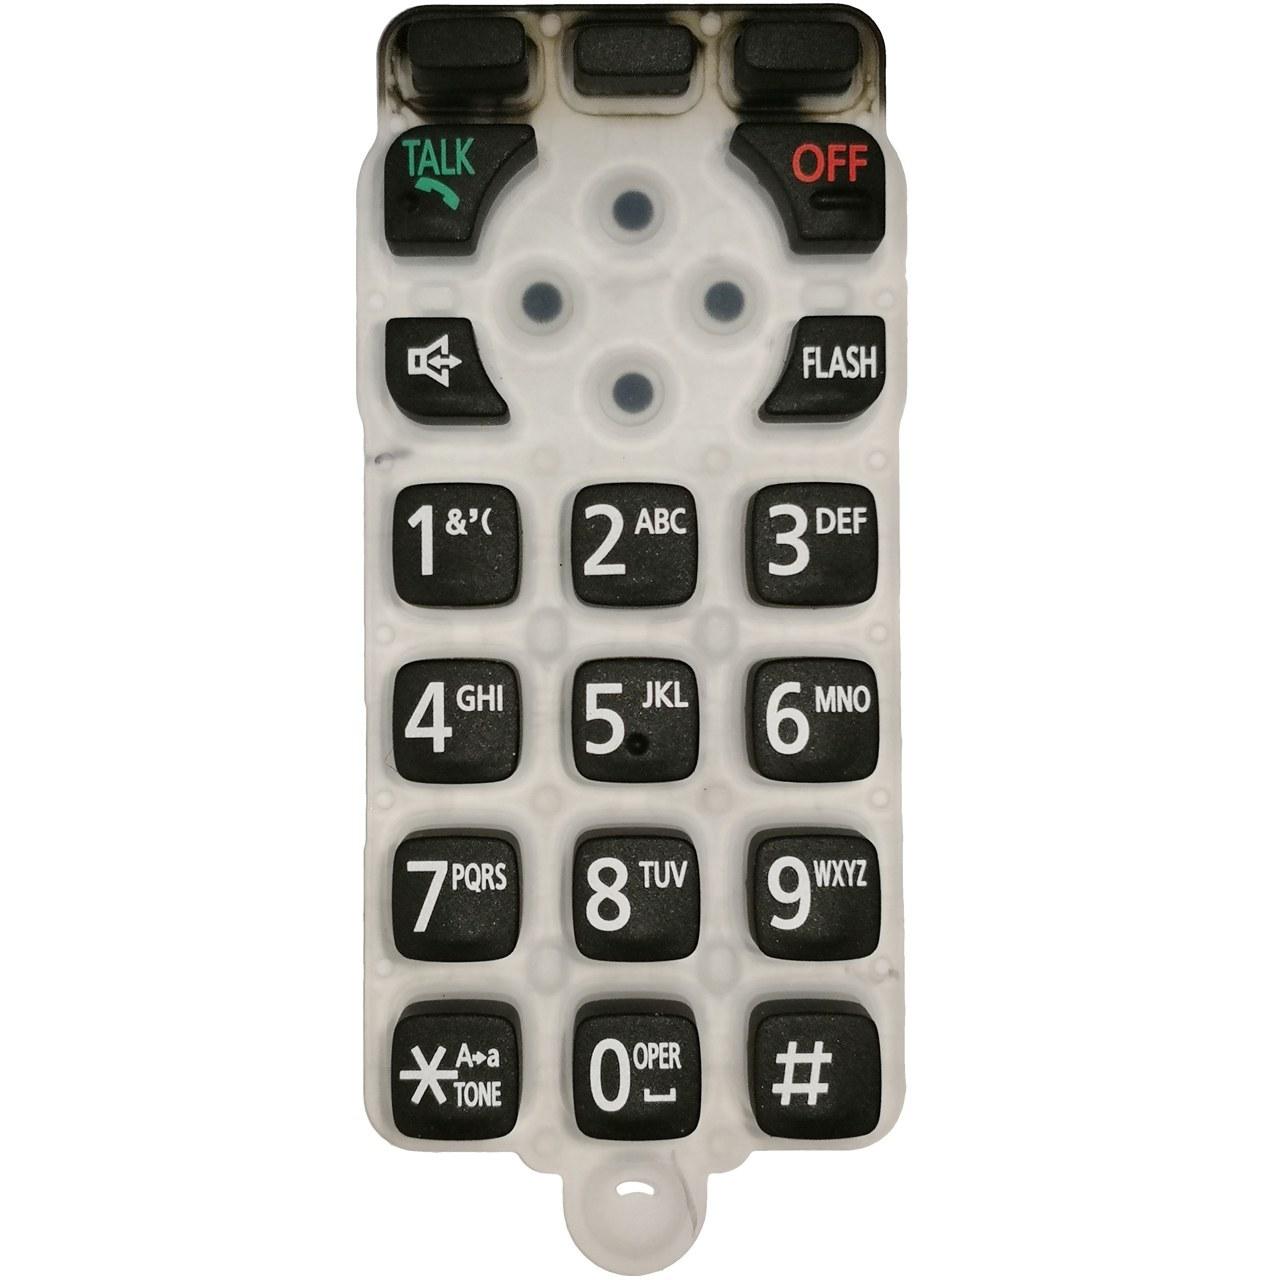 تصویر صفحه کلید یدکی مدل 6671 مناسب برای تلفن پاناسونیک